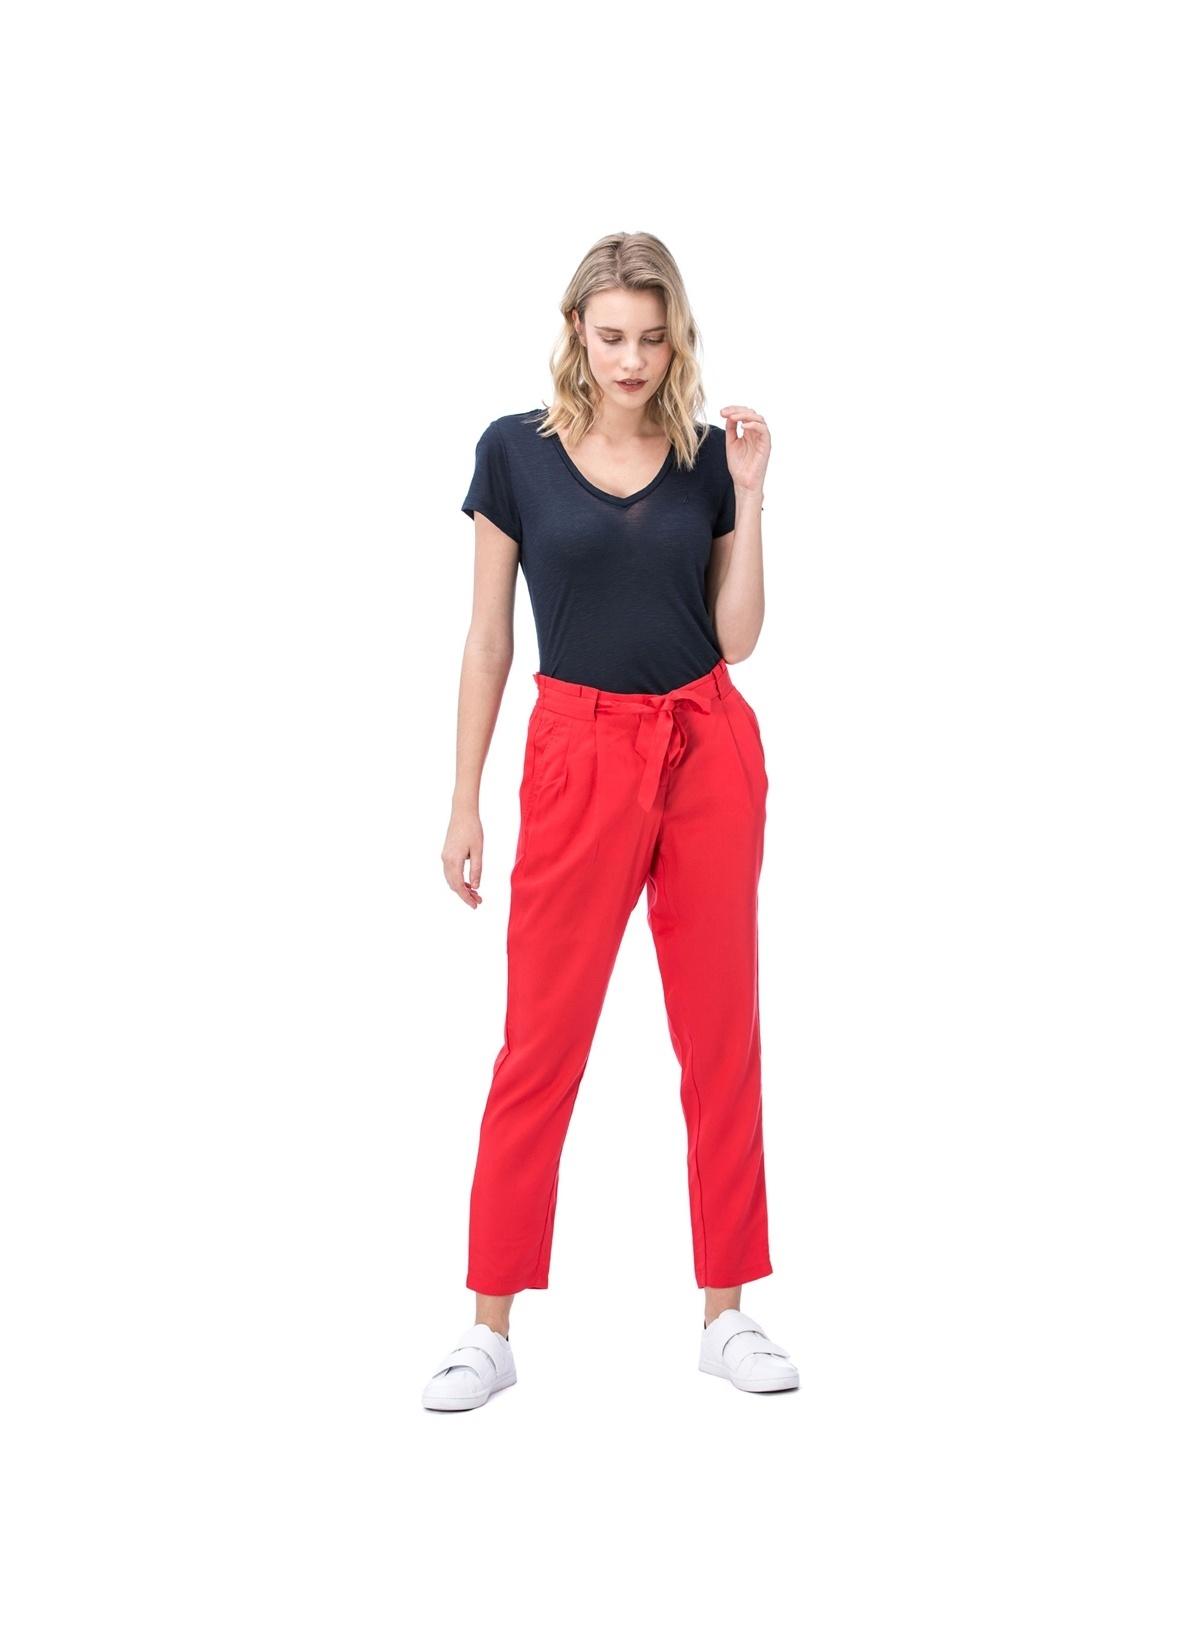 Nautica Pantolon 81p334t Nautica Kadin Kırmızı Havuç Pant – 399.0 TL